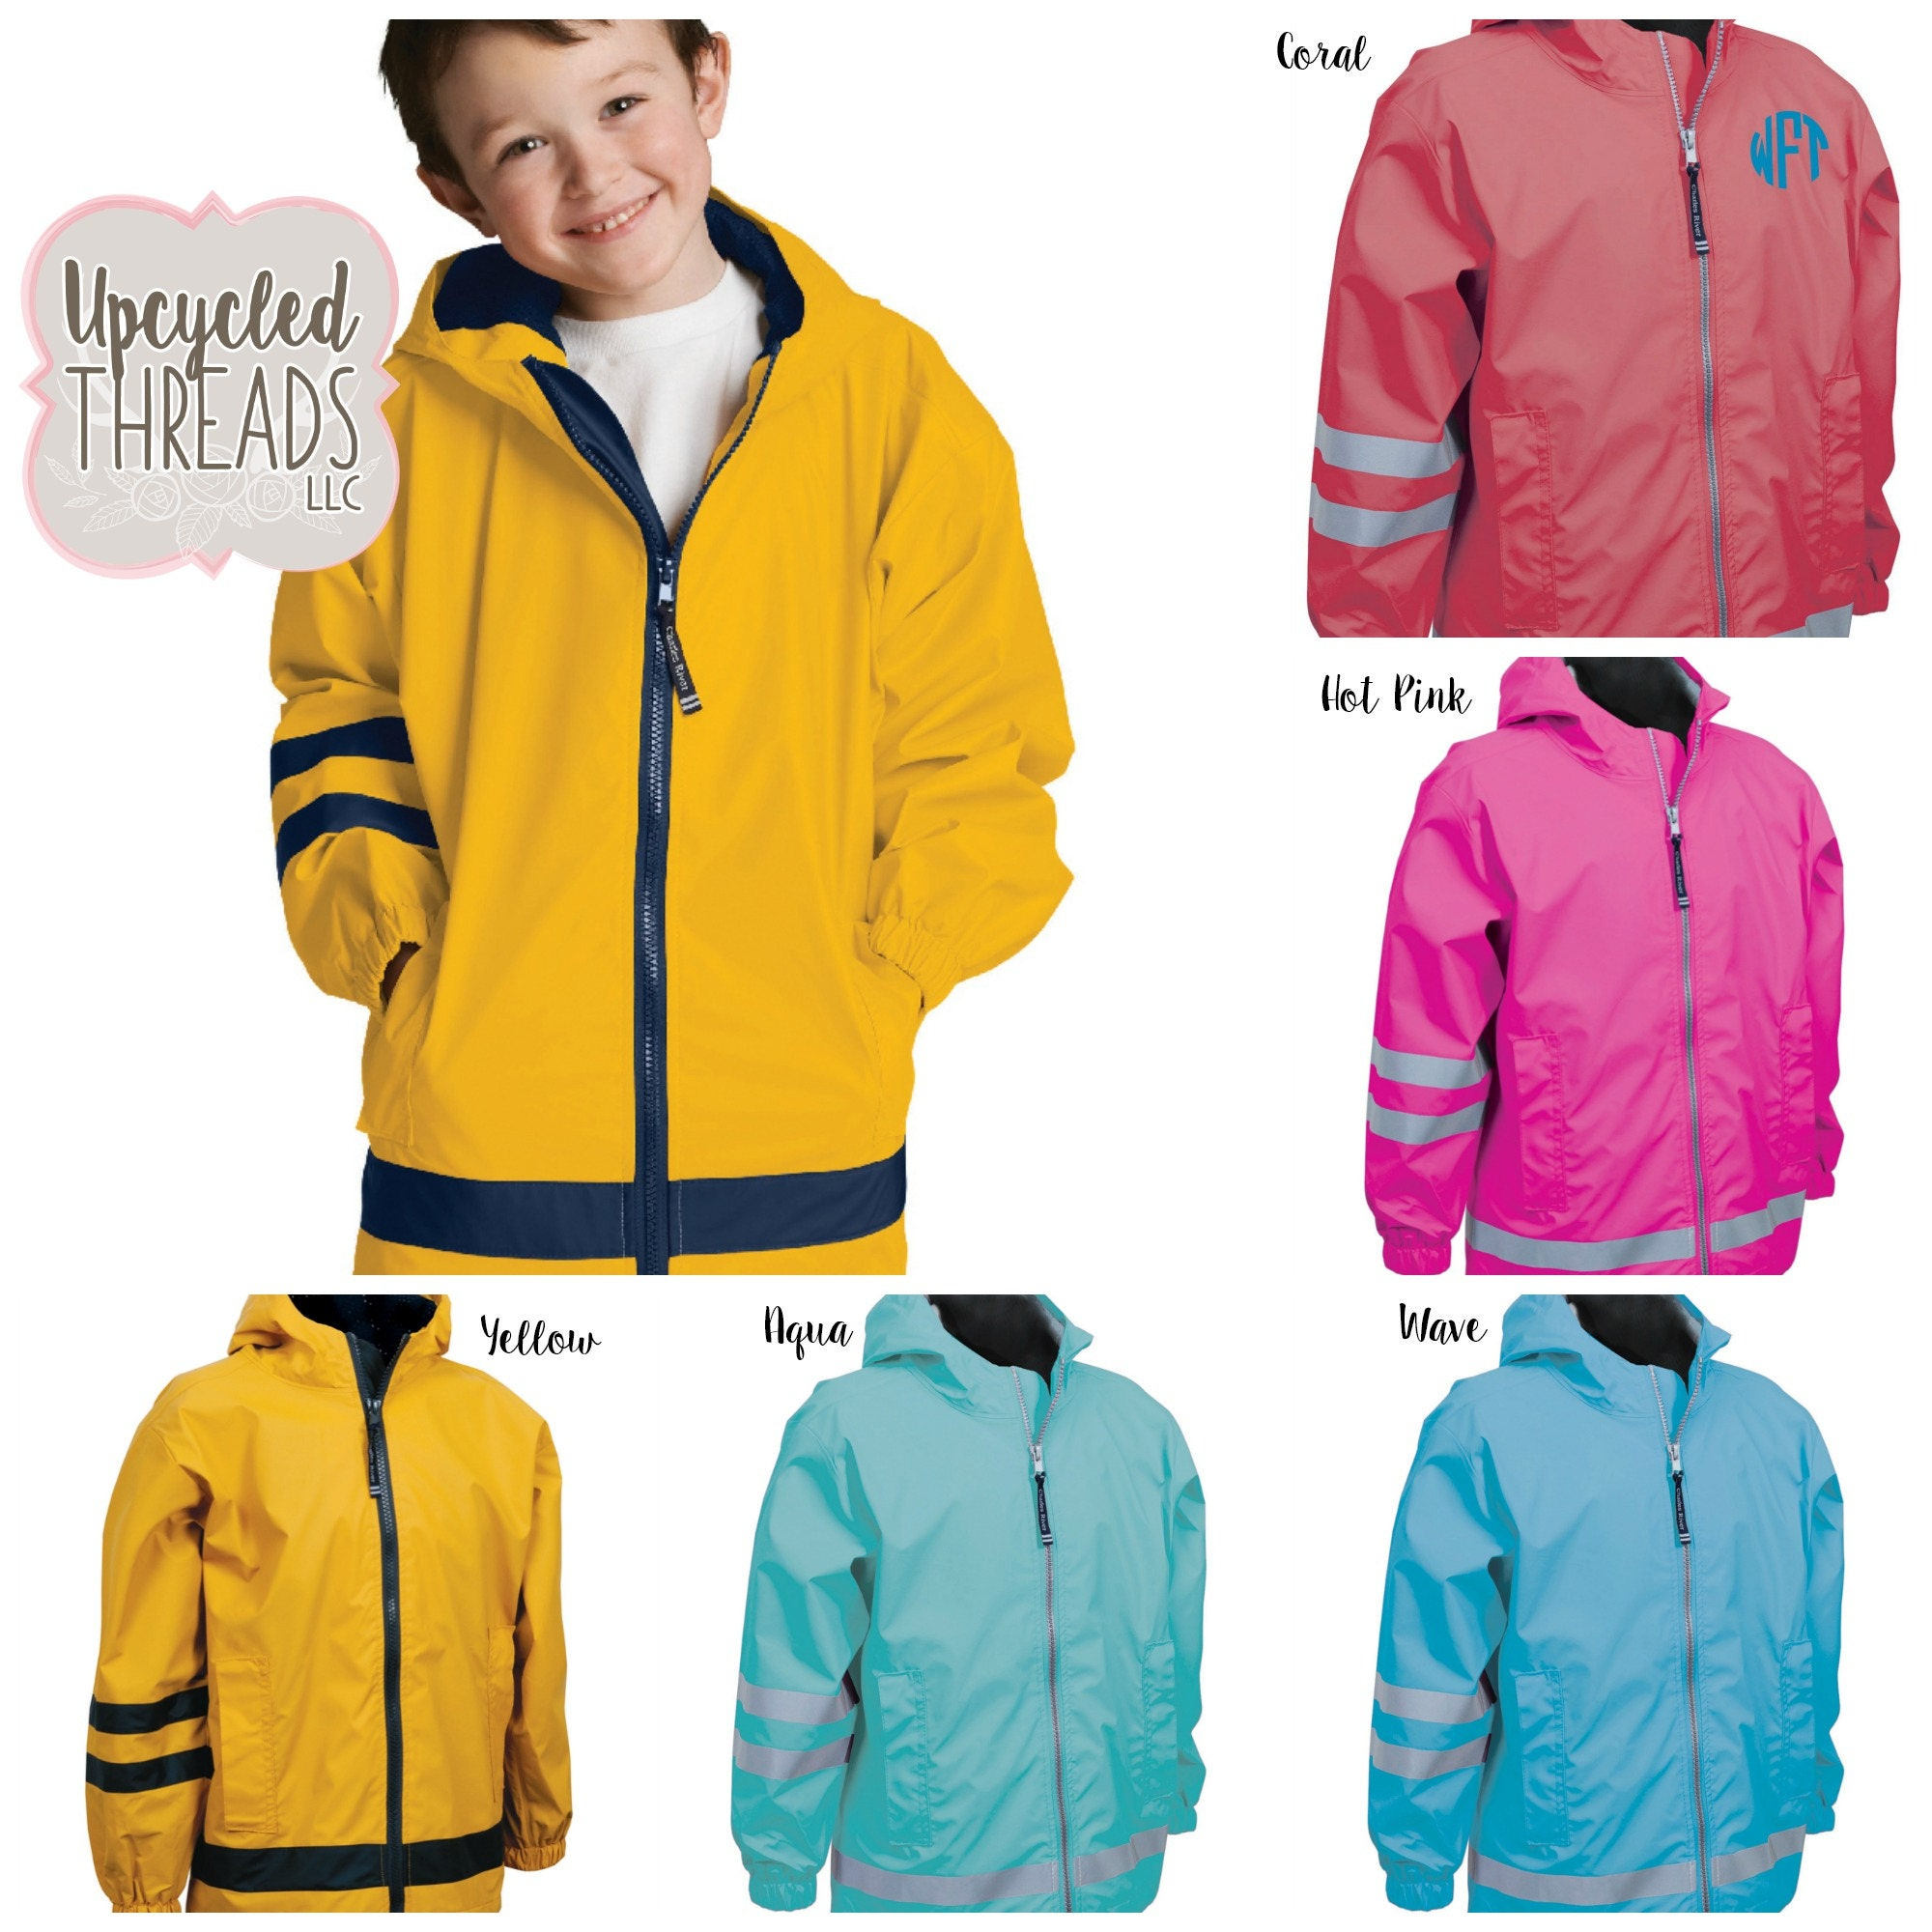 d2135b5b8b9f Personalized Rain Jacket